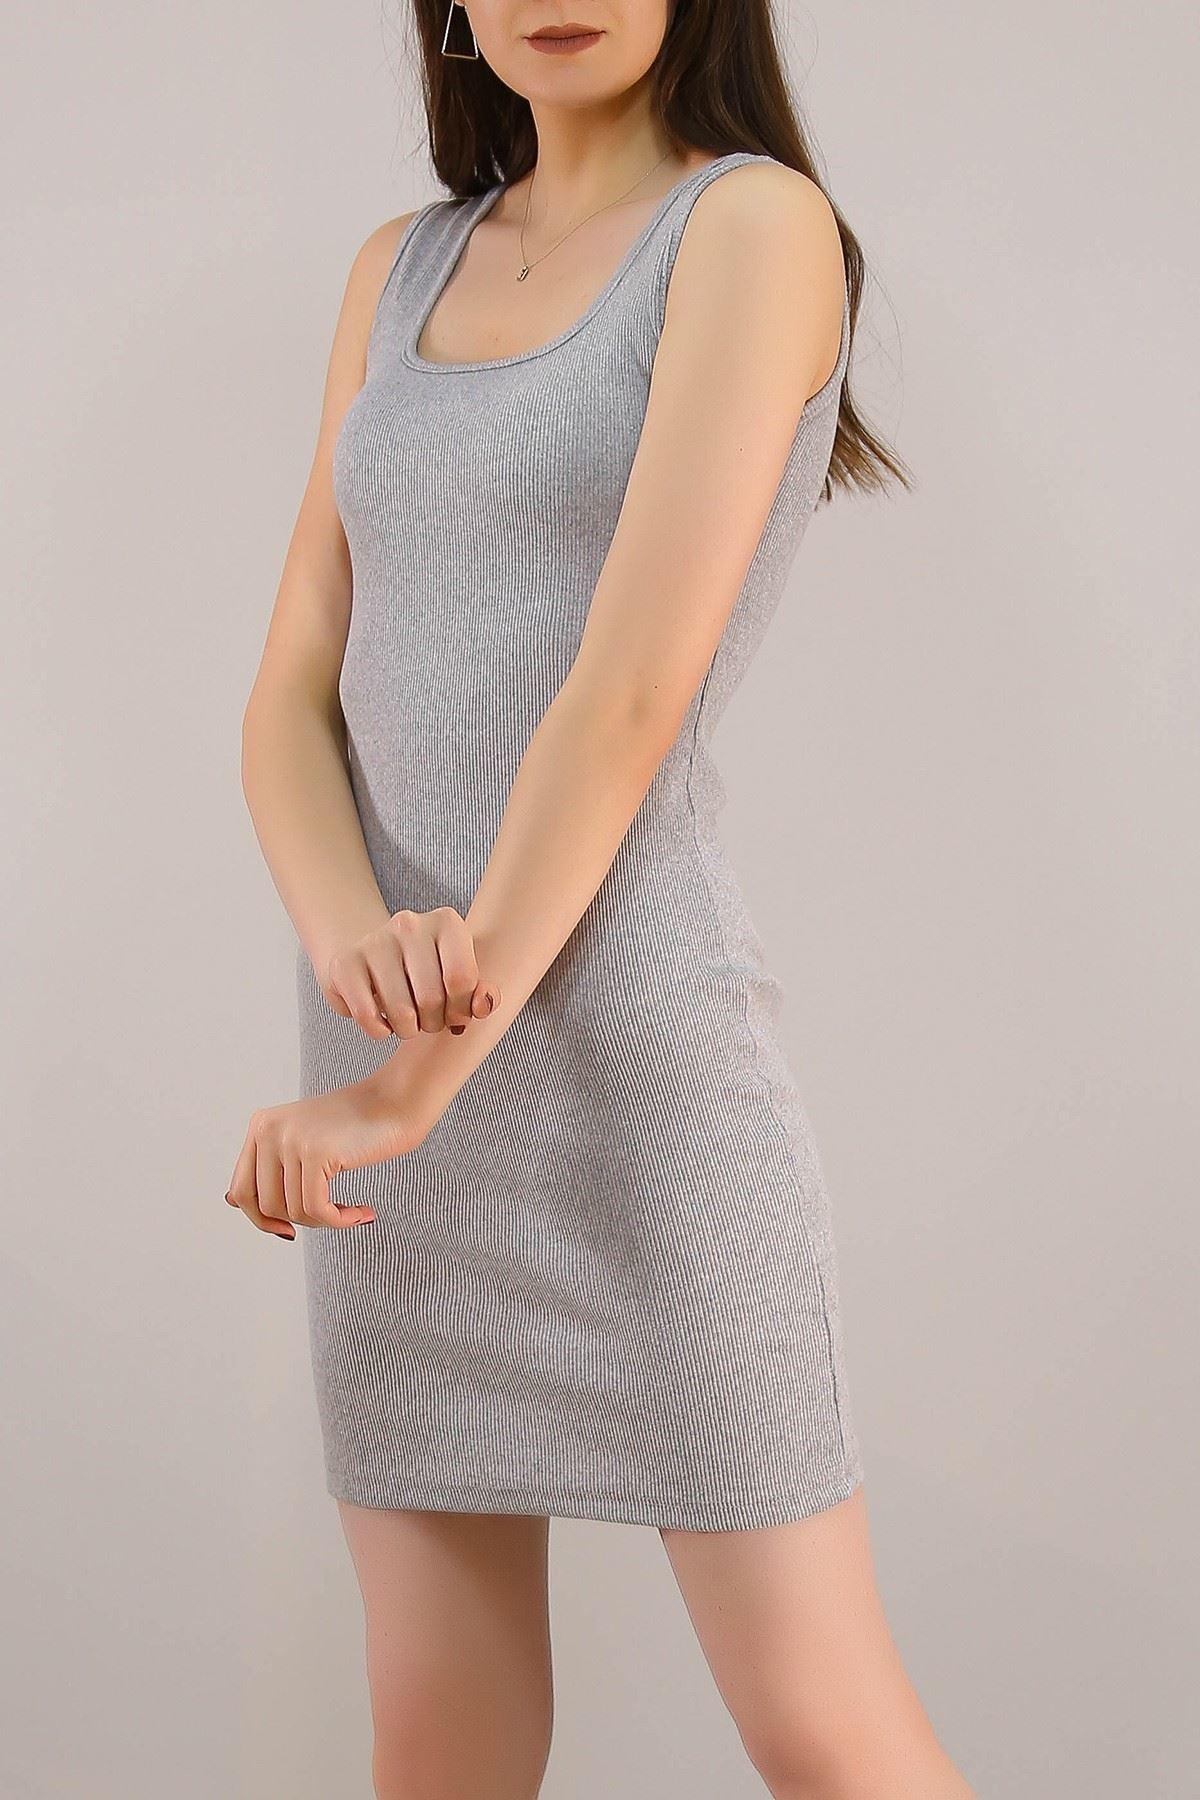 Kaşkorse Sıfır Kol Elbise Gri - 5188.316.